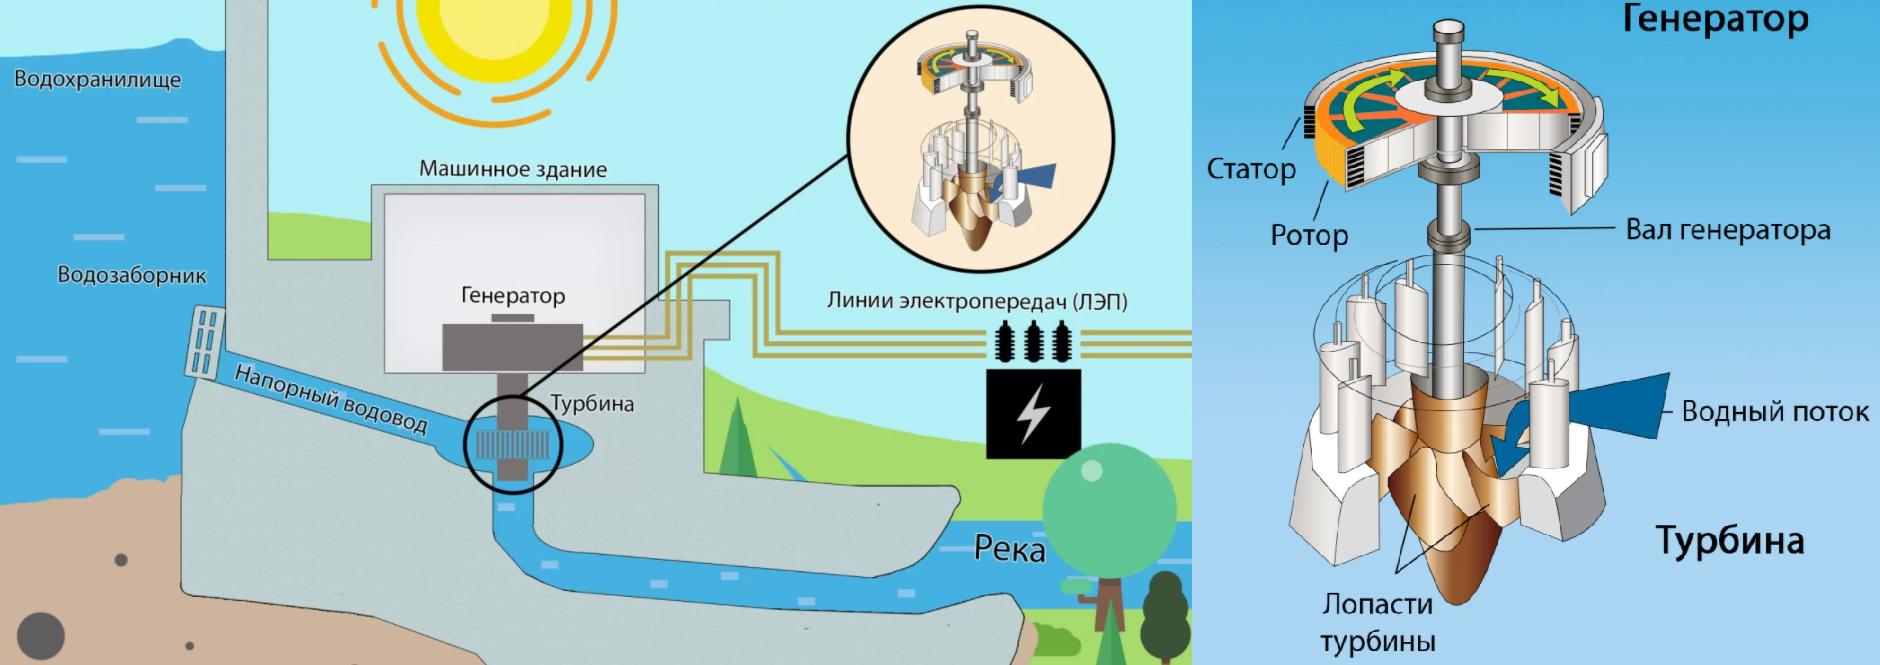 Схема работы гидроэлектростанции (ГЭС)